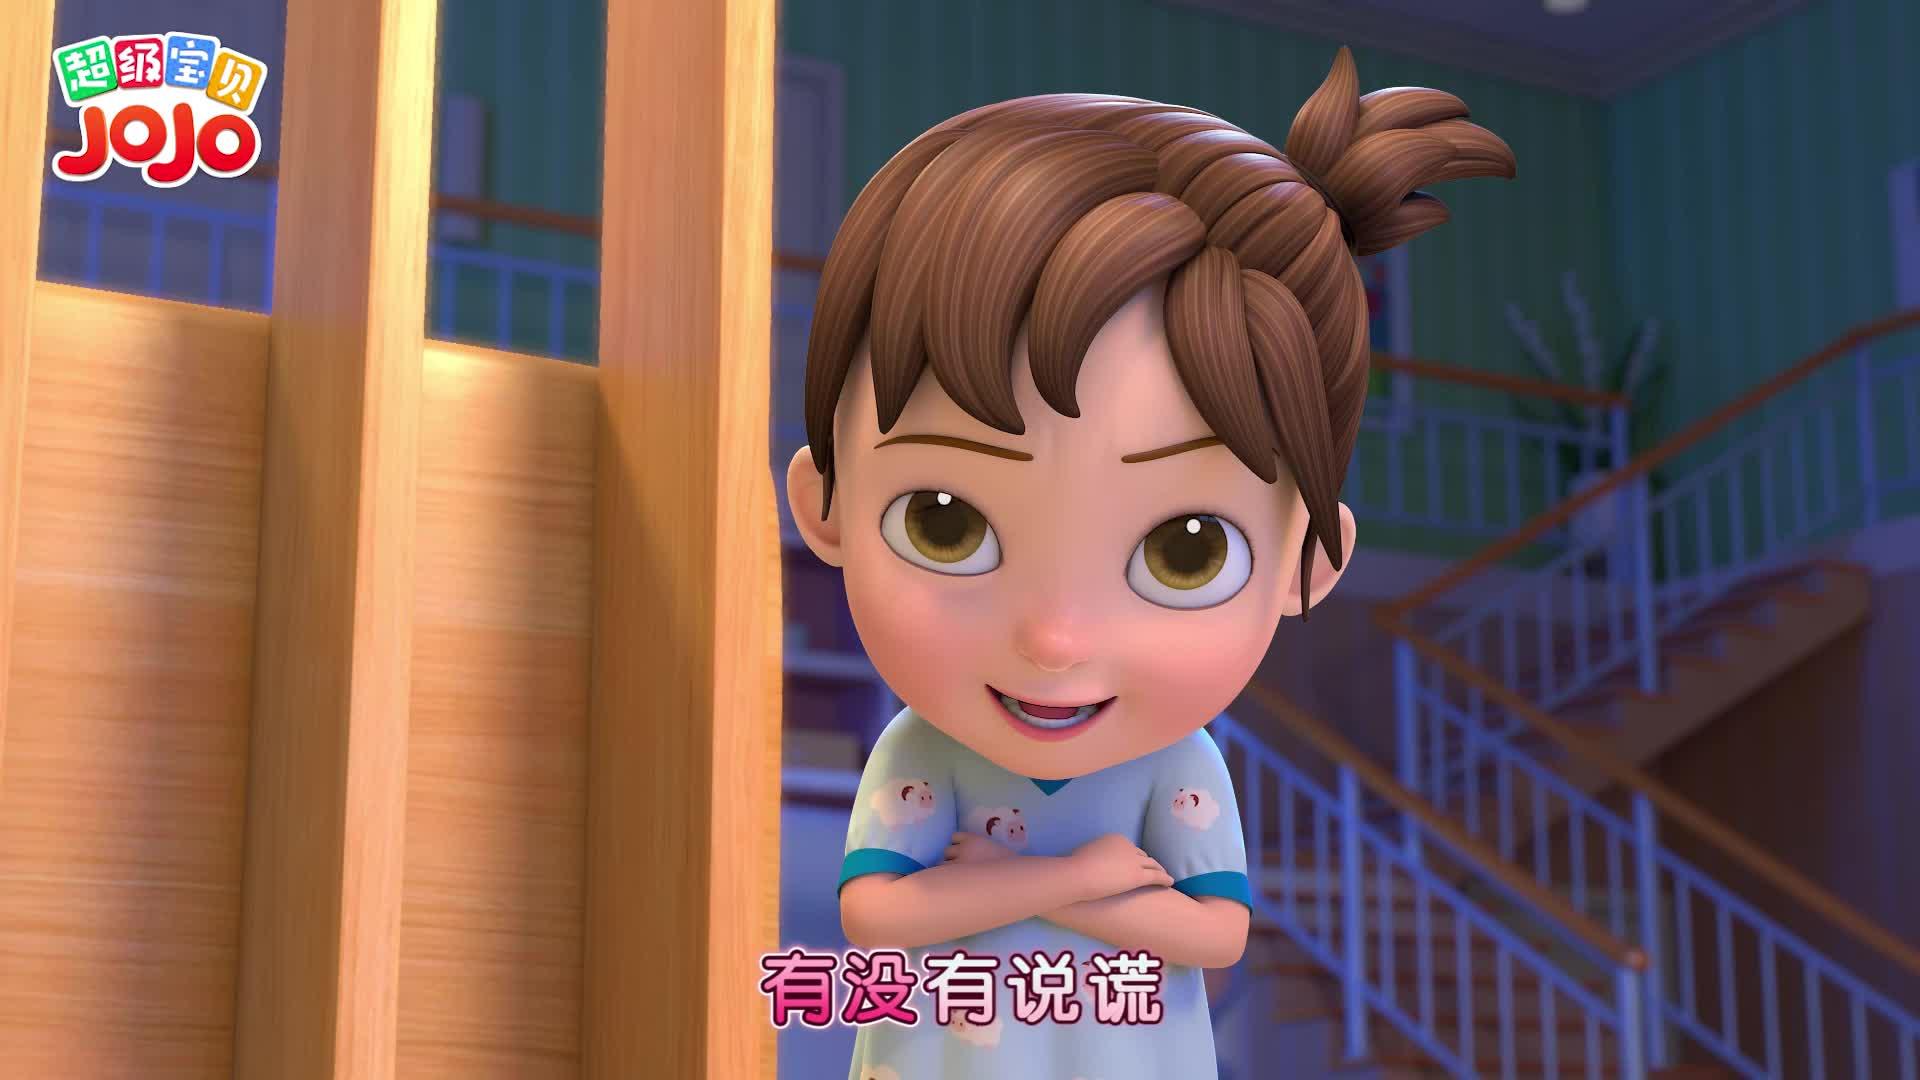 超级宝贝JOJO 第9集 是谁在偷吃